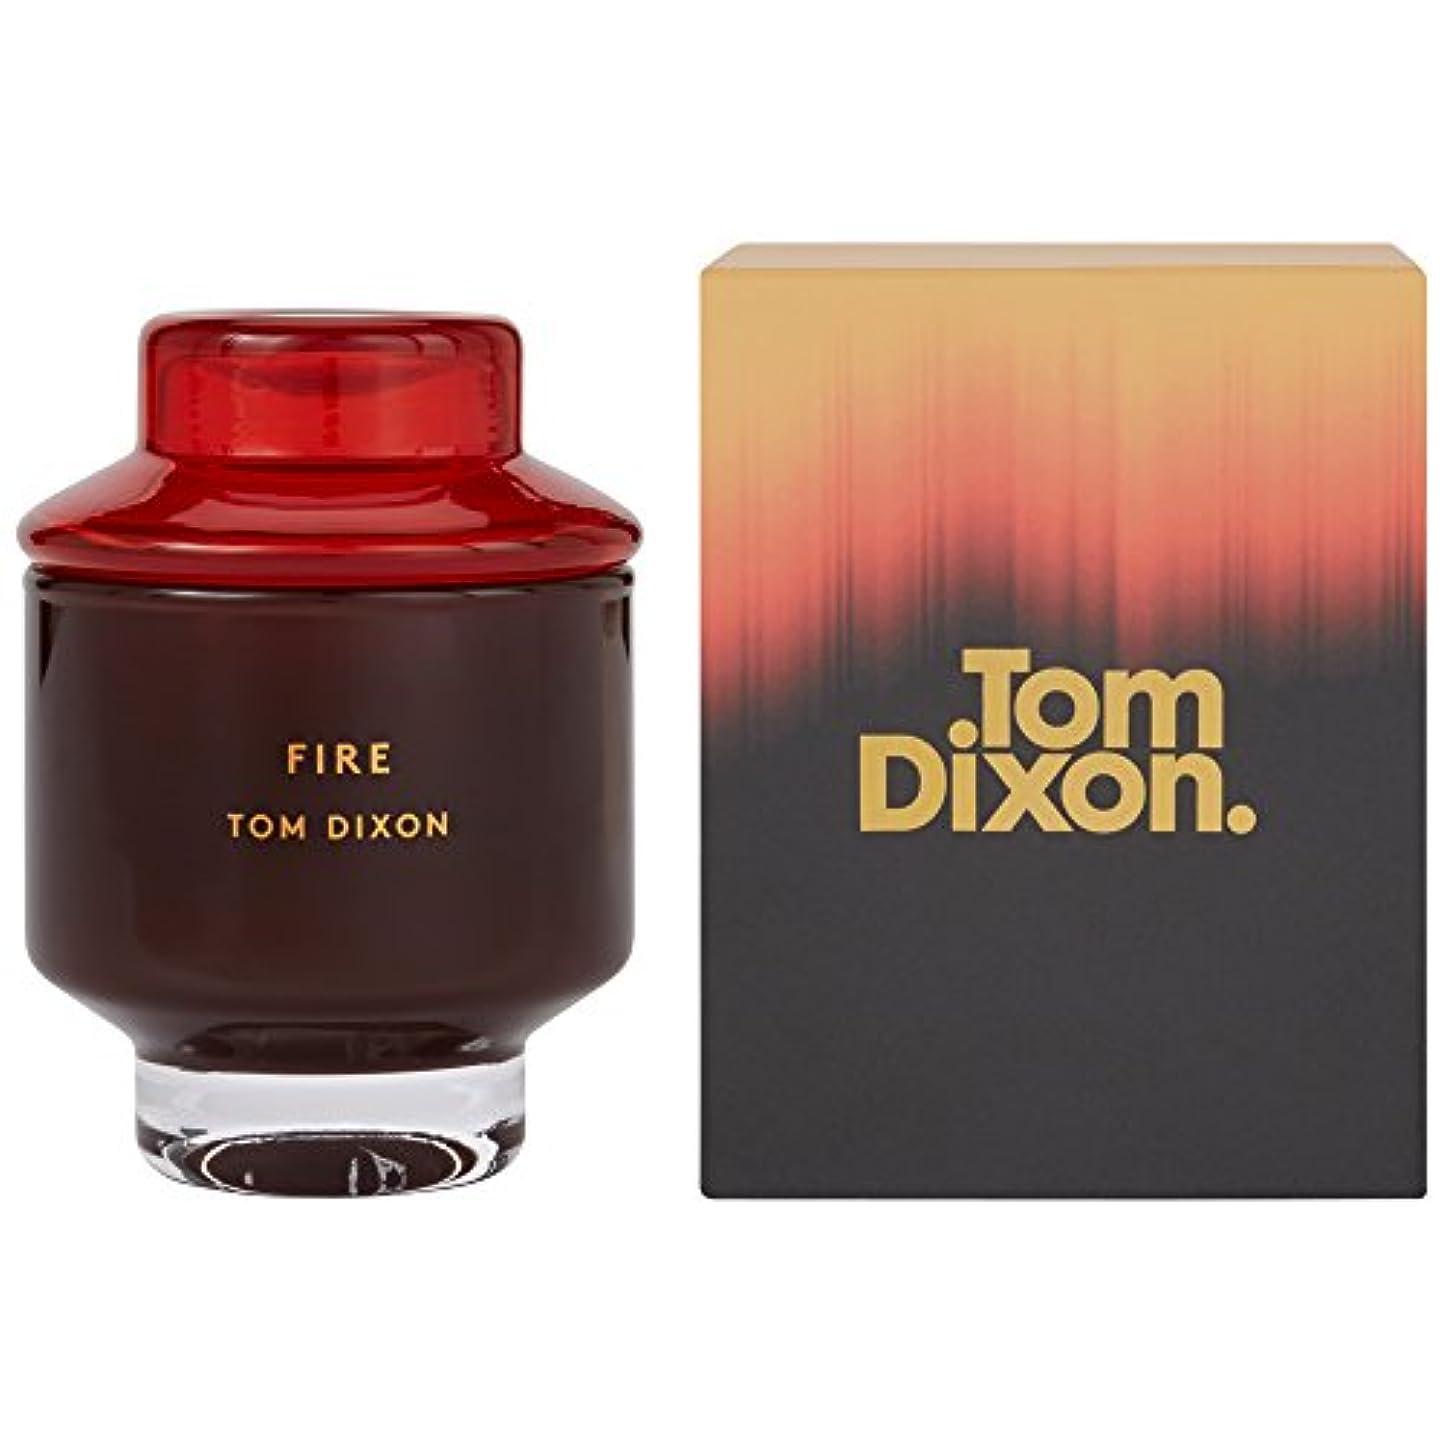 望むアクションアルプストム?ディクソン火災香りのキャンドル媒体 x6 - Tom Dixon Fire Scented Candle Medium (Pack of 6) [並行輸入品]